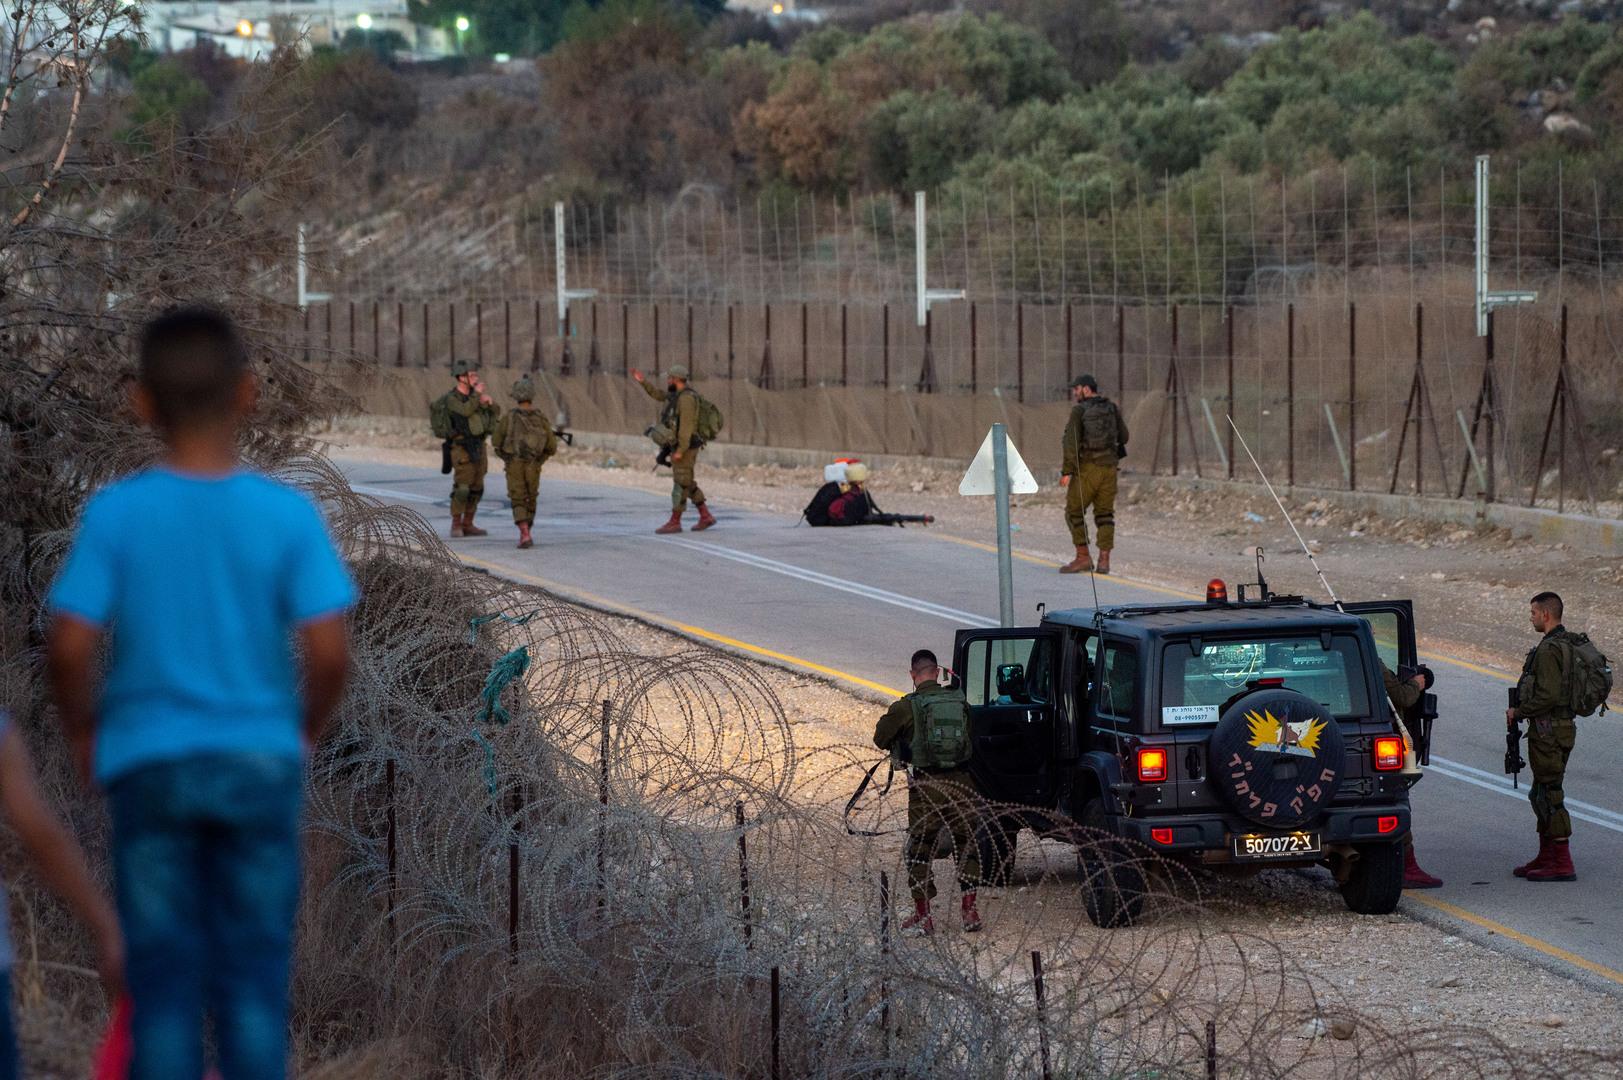 ضابط إسرائيلي: عملية جديدة على غرار